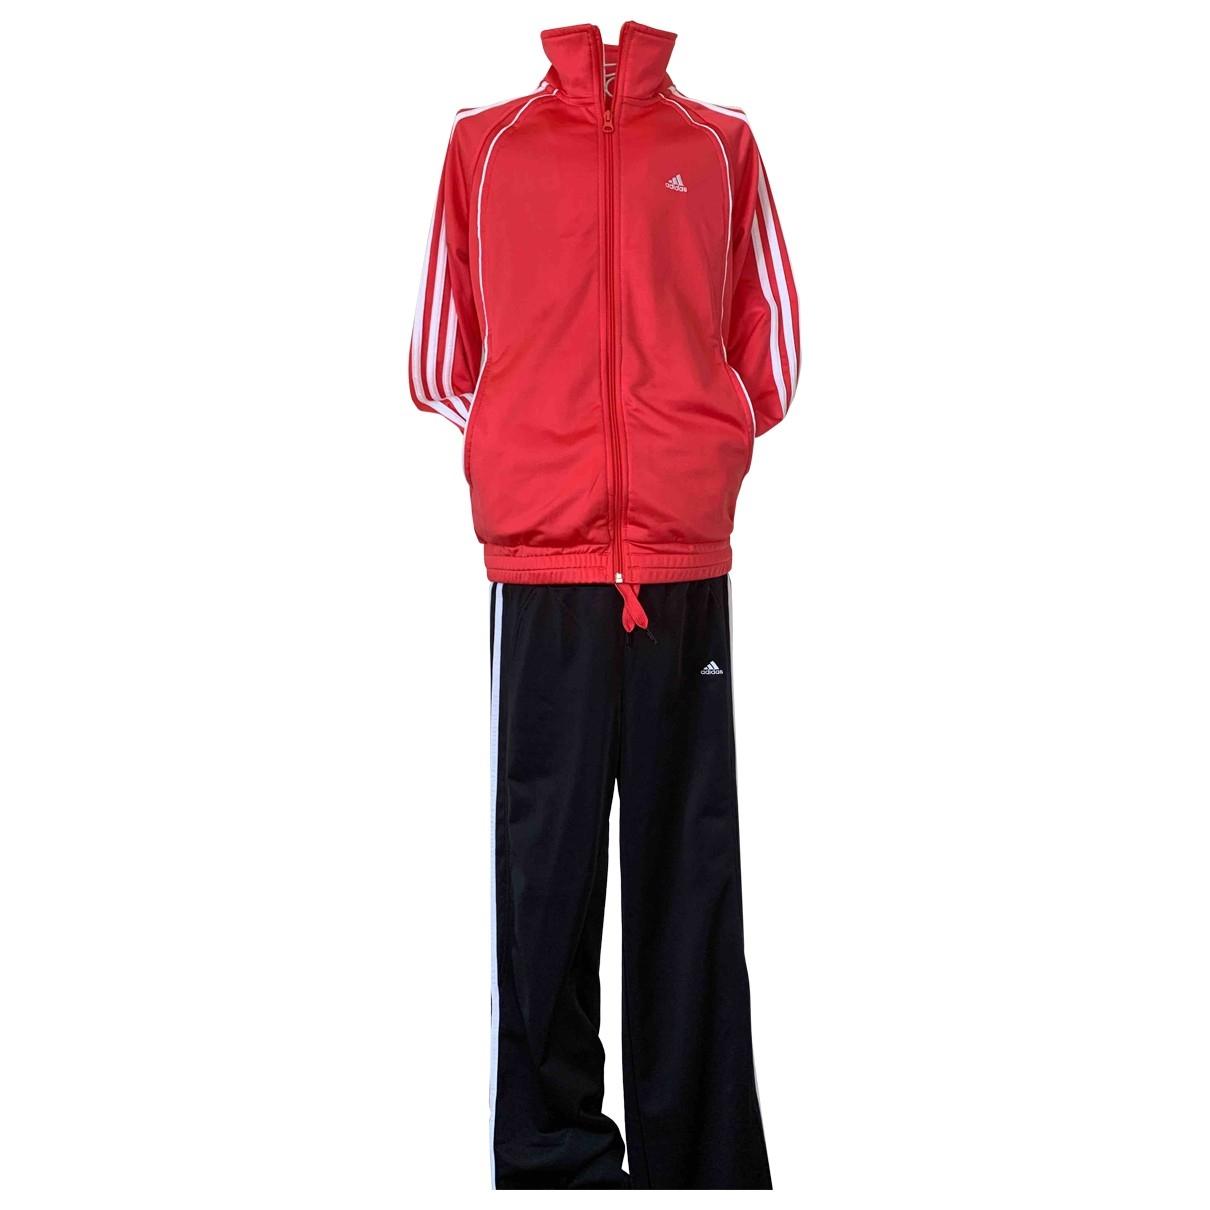 Adidas - Les ensembles   pour enfant